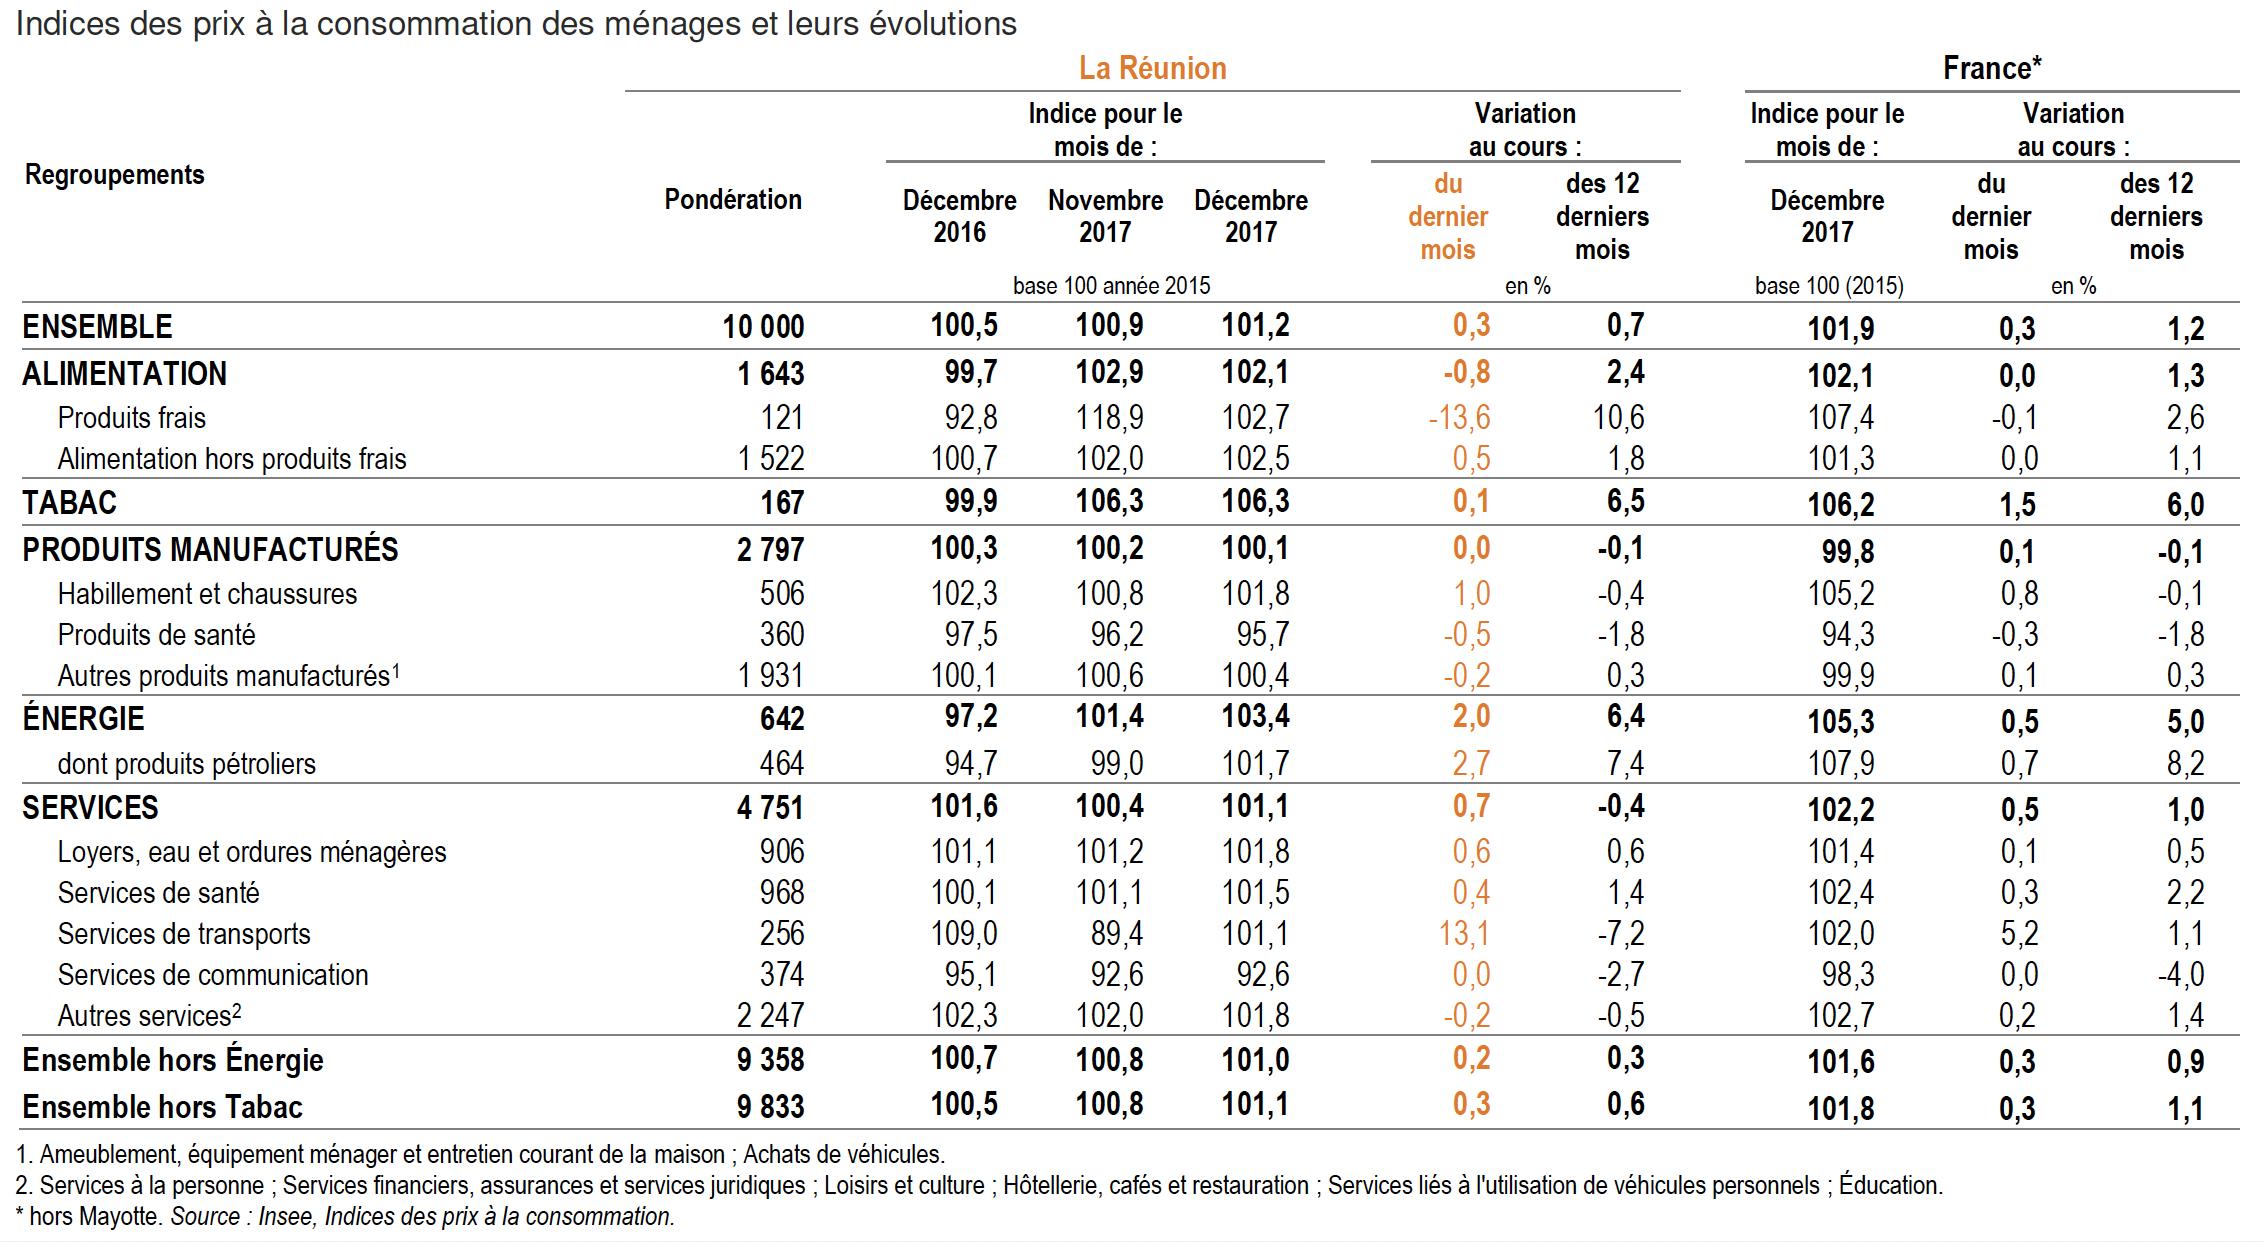 Indices-prix-consommation-ménages-Réunion